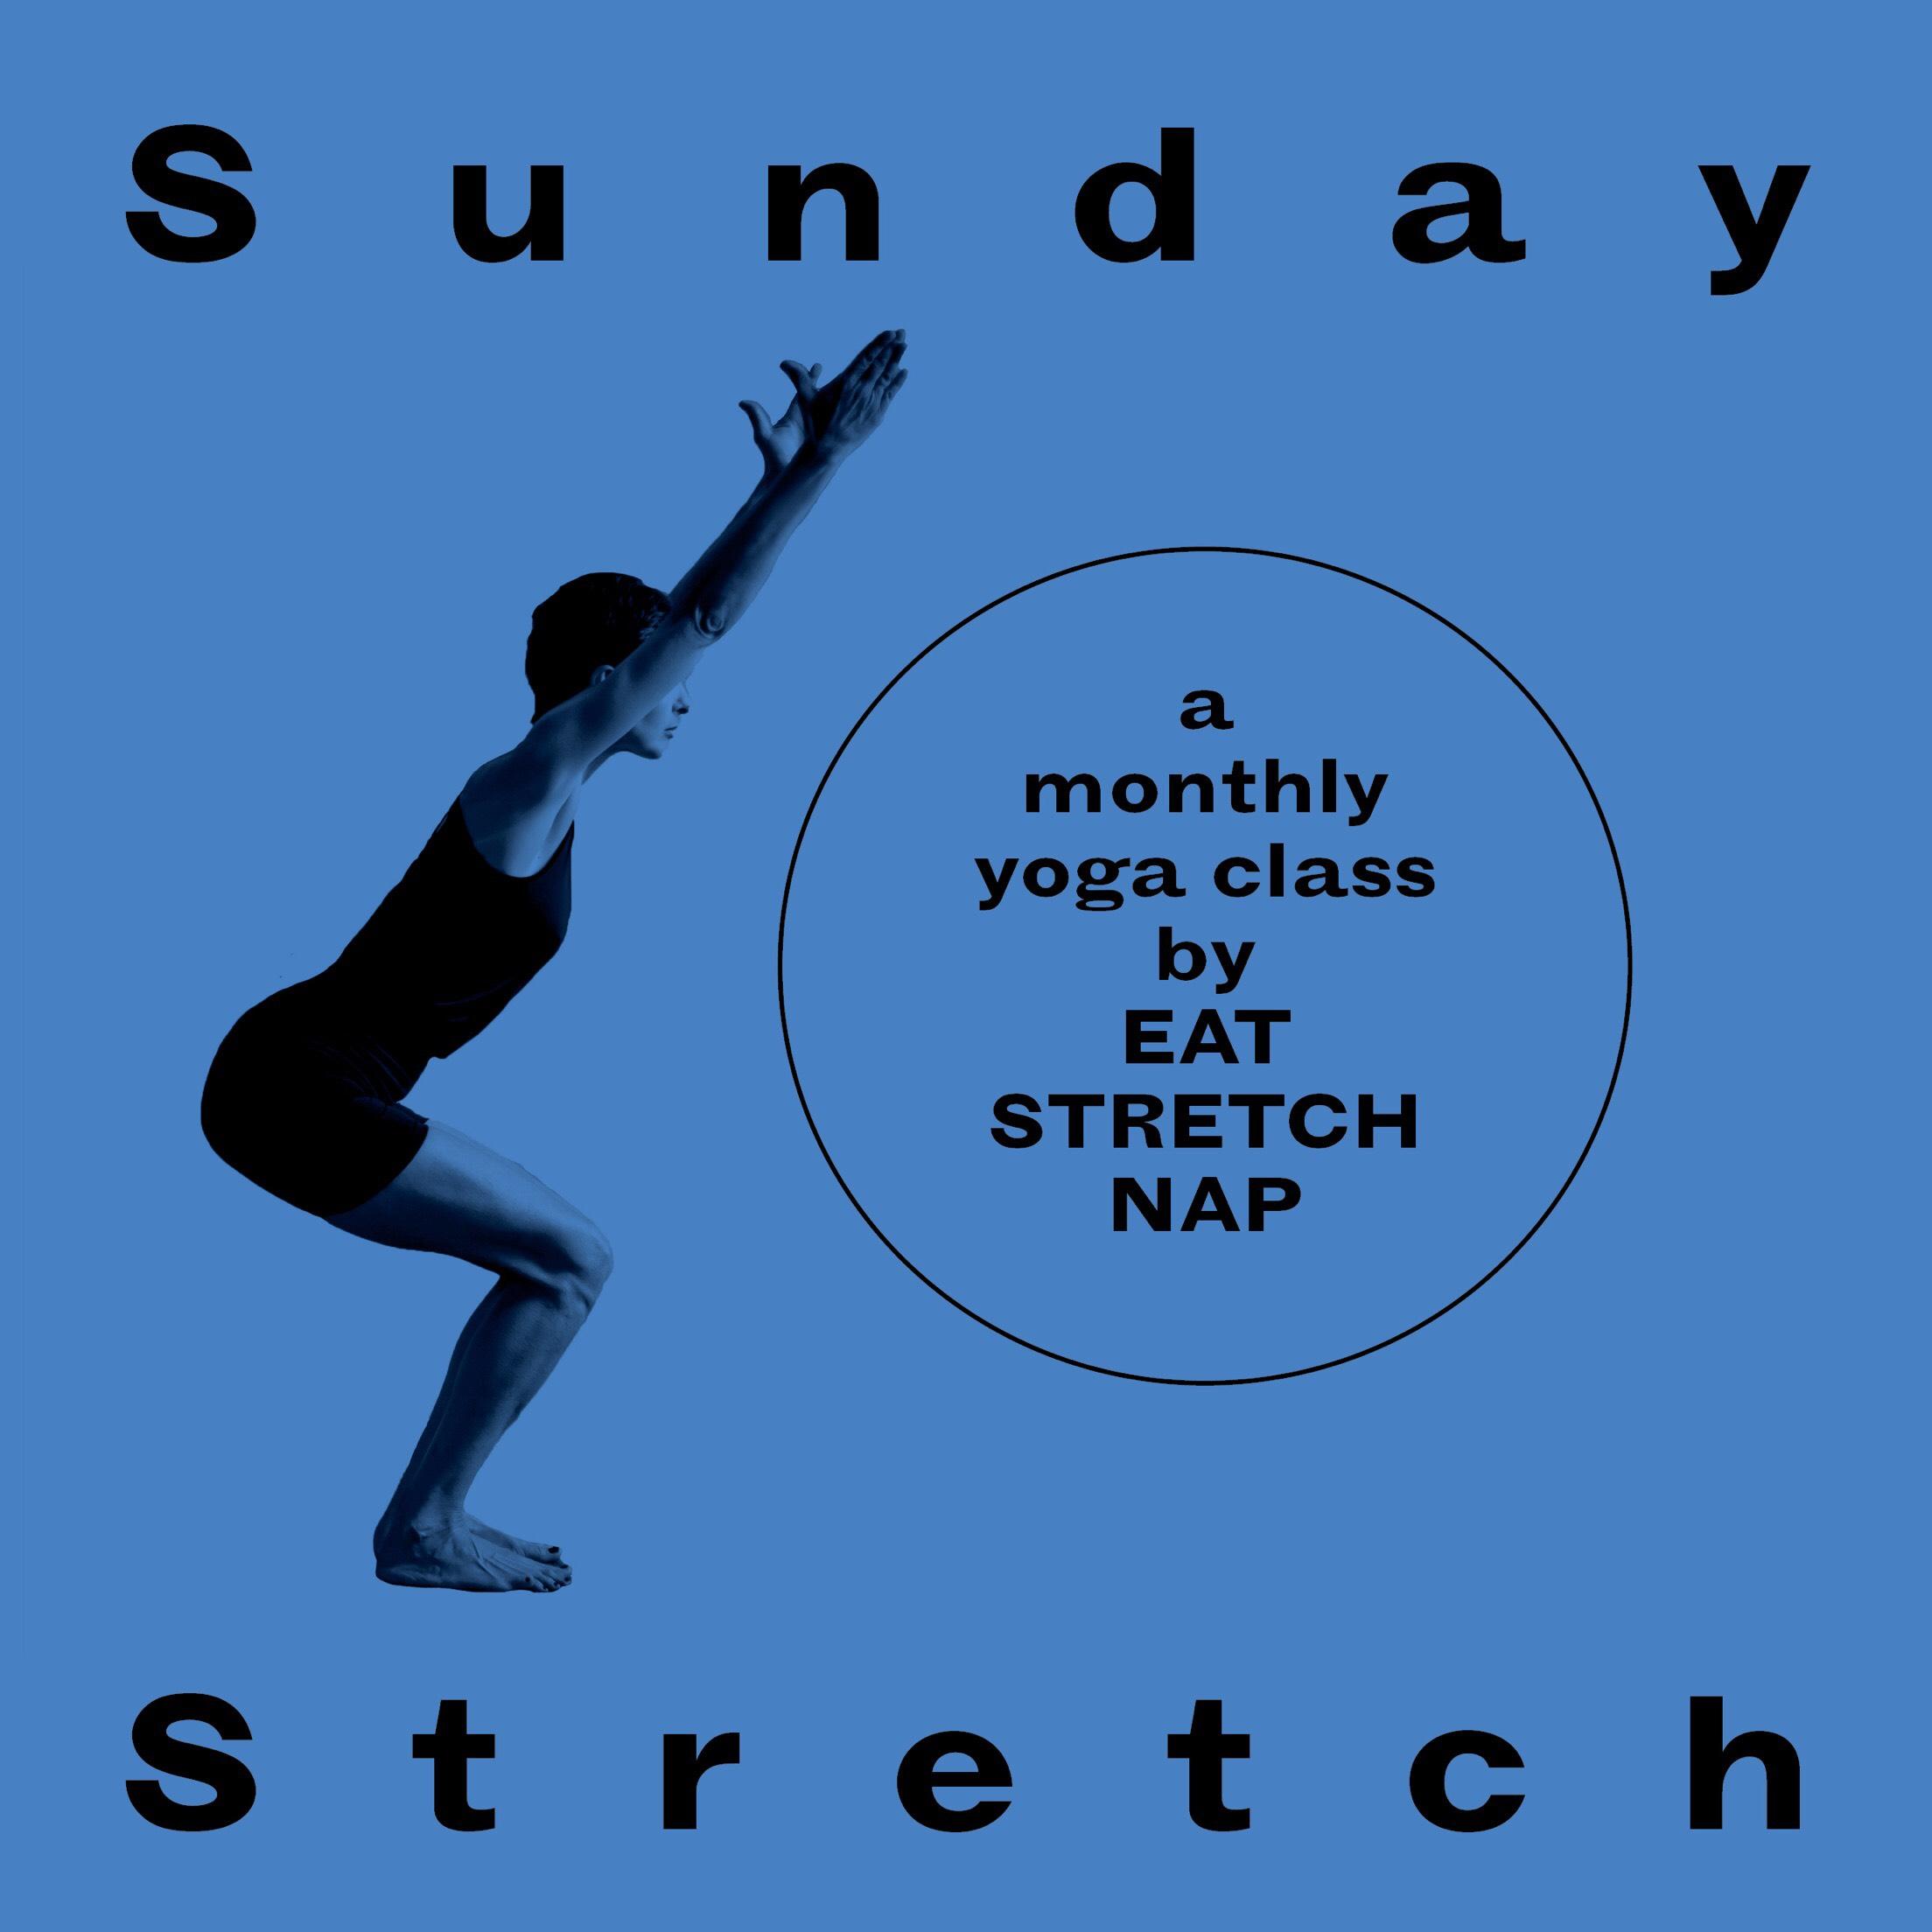 eat stretch nap ace hotel sunday stretch